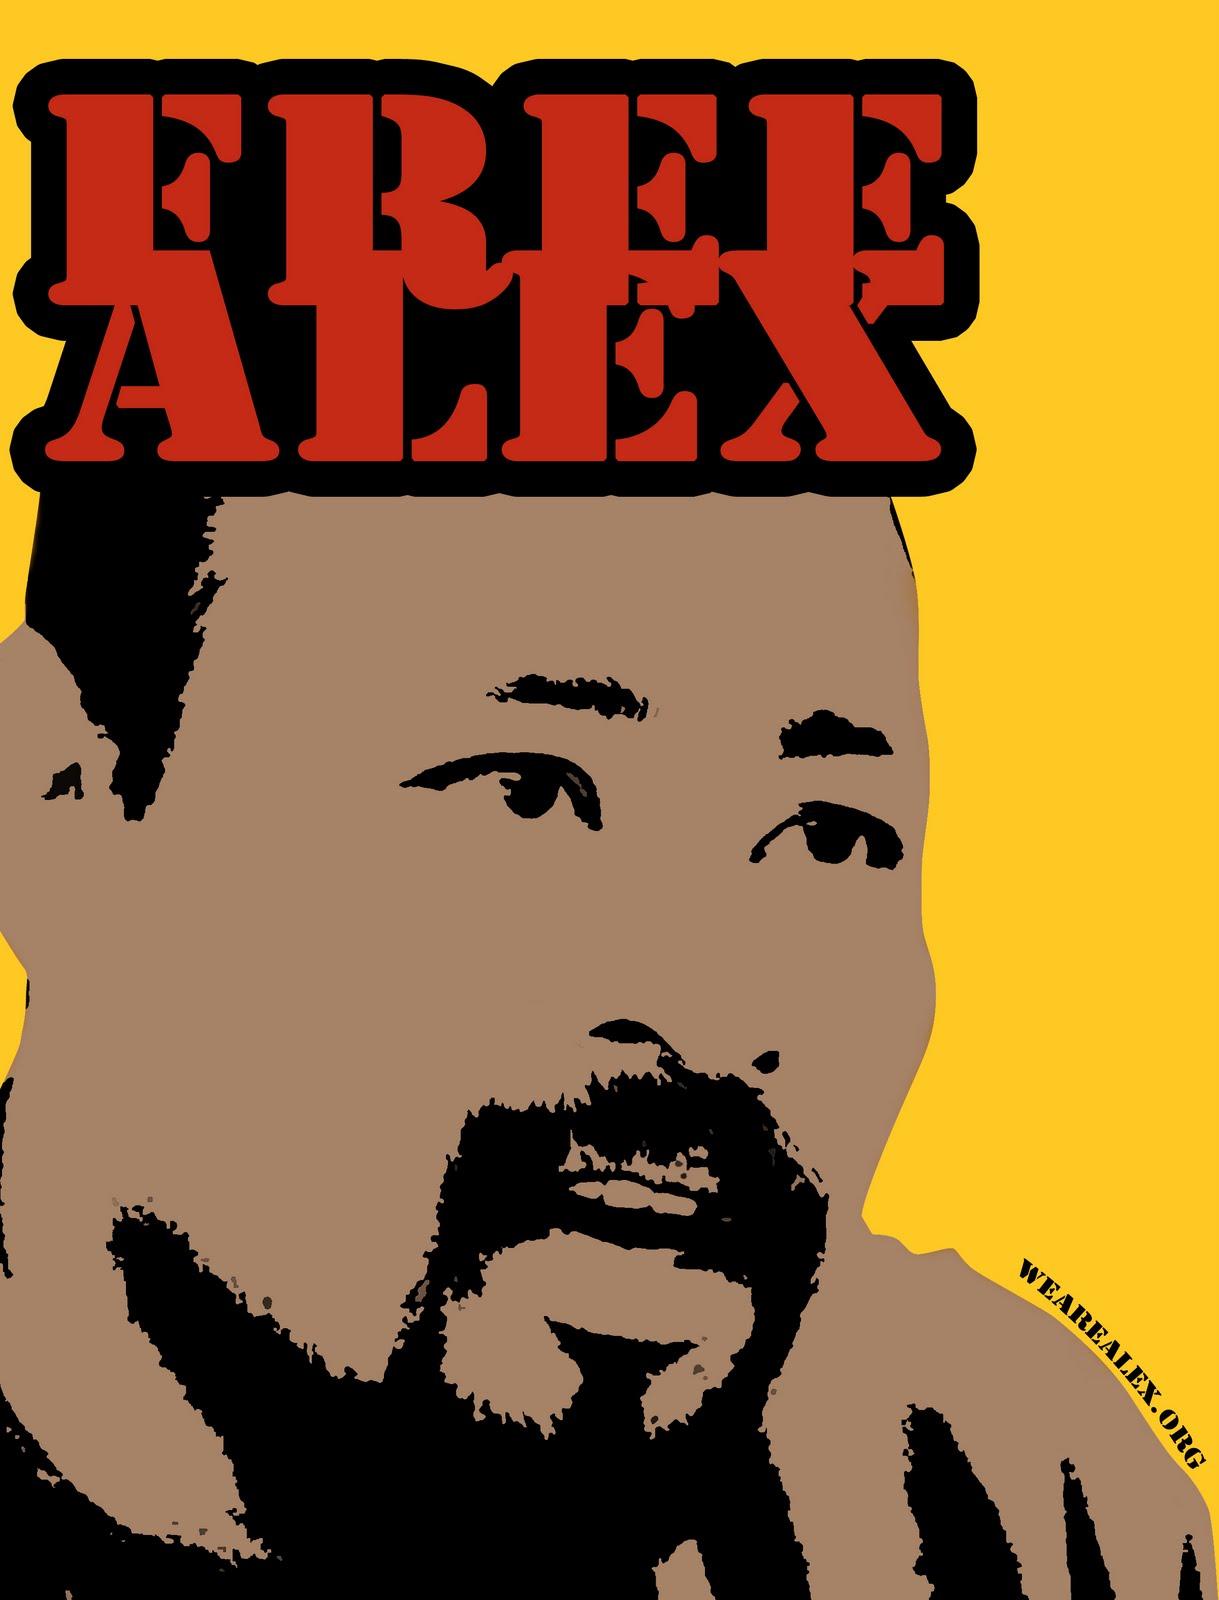 http://1.bp.blogspot.com/_E5qk62QRjWc/SxTXBQ3VN_I/AAAAAAAAACk/NNQNl_FOsGc/s1600/Free%2BAlex,2.jpg